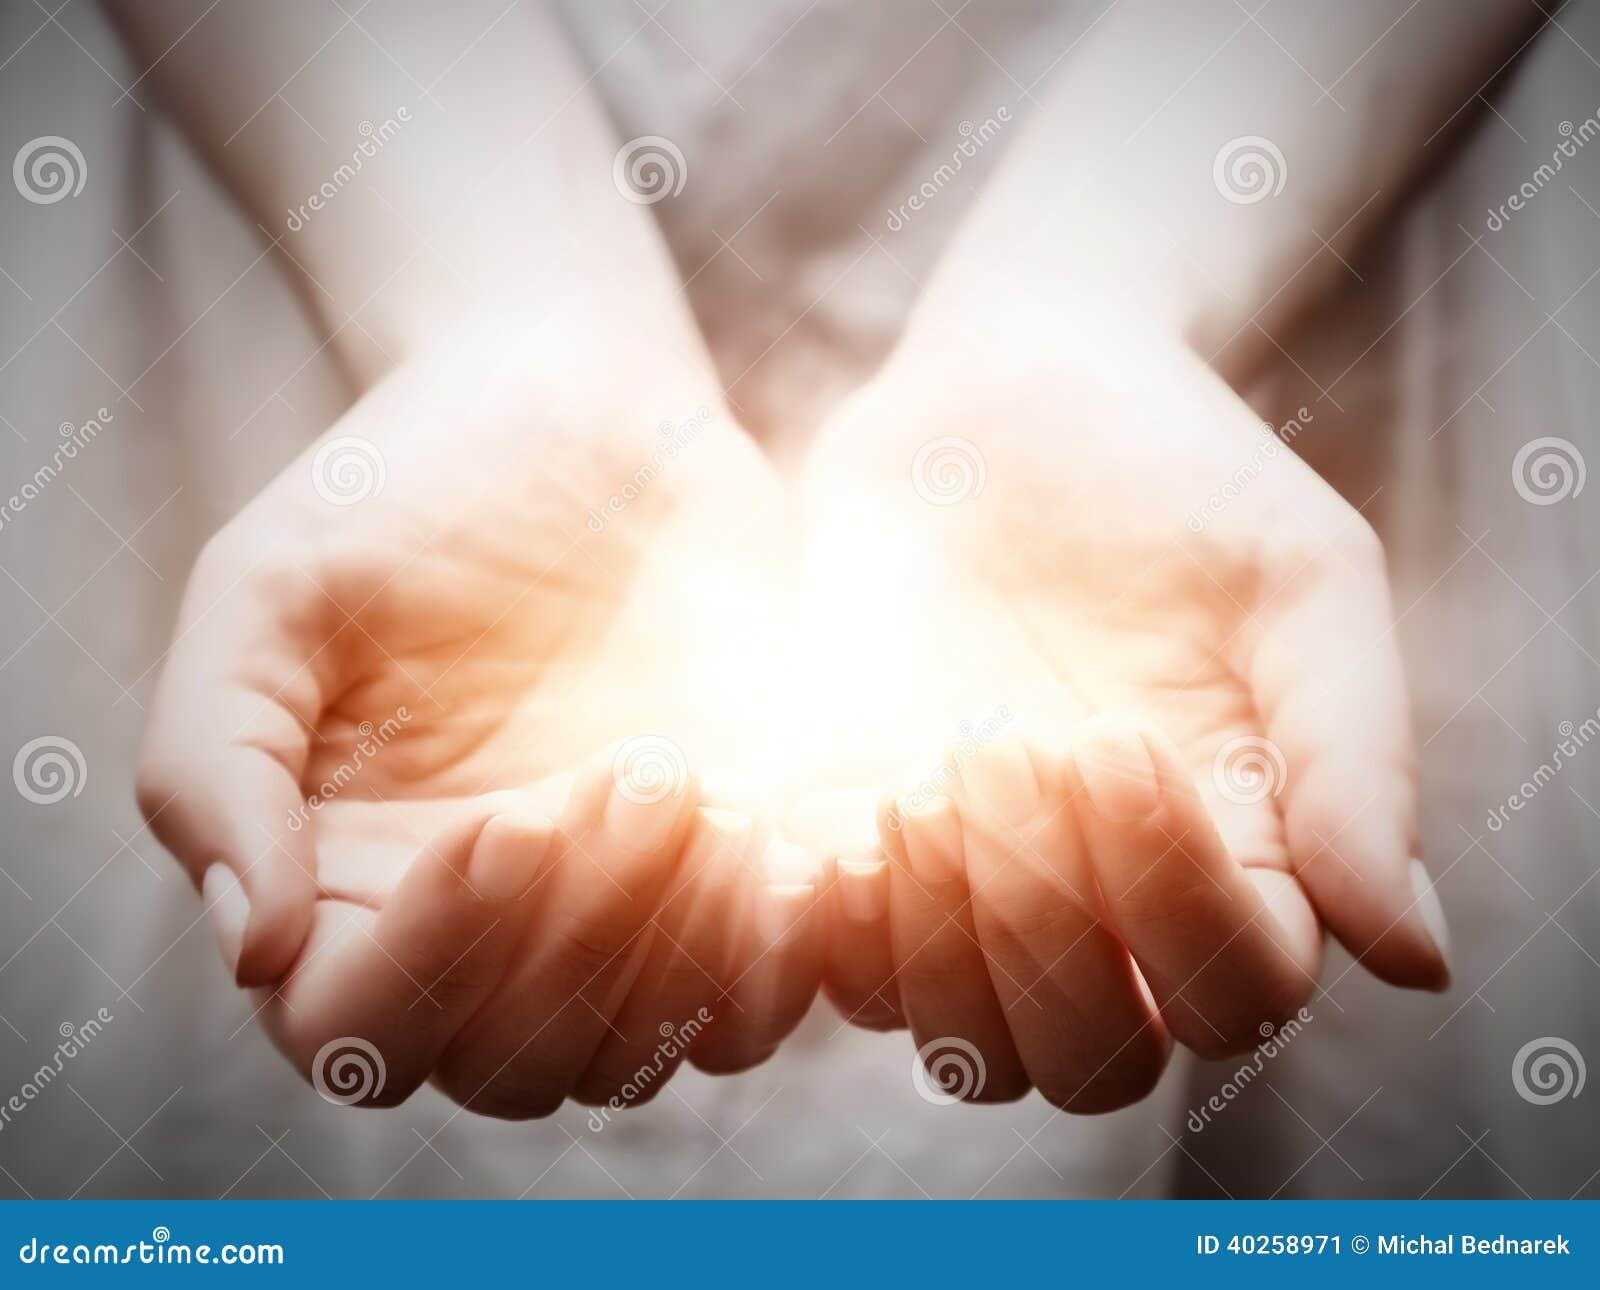 La luce in mani della giovane donna. Divisione, dare, offrente, protezione